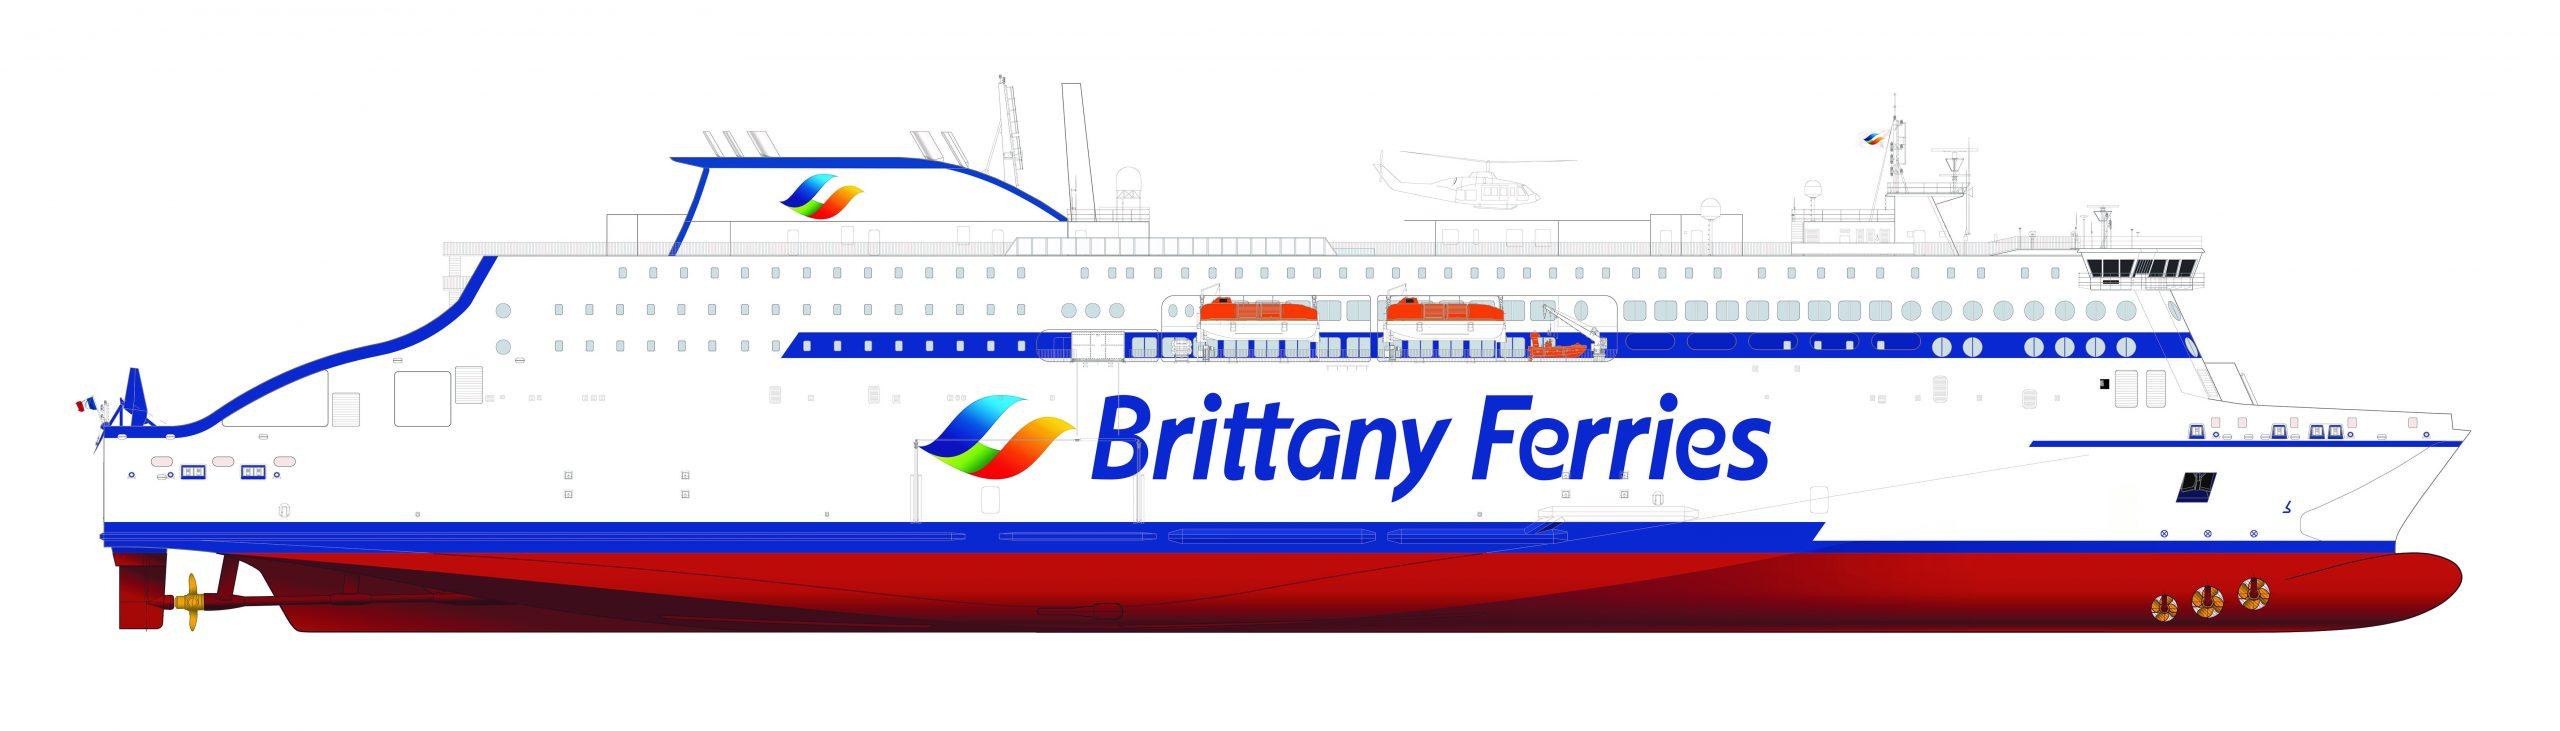 Stena RoRo's E-Flexer for Brittany Ferries (credit Stena RoRo)